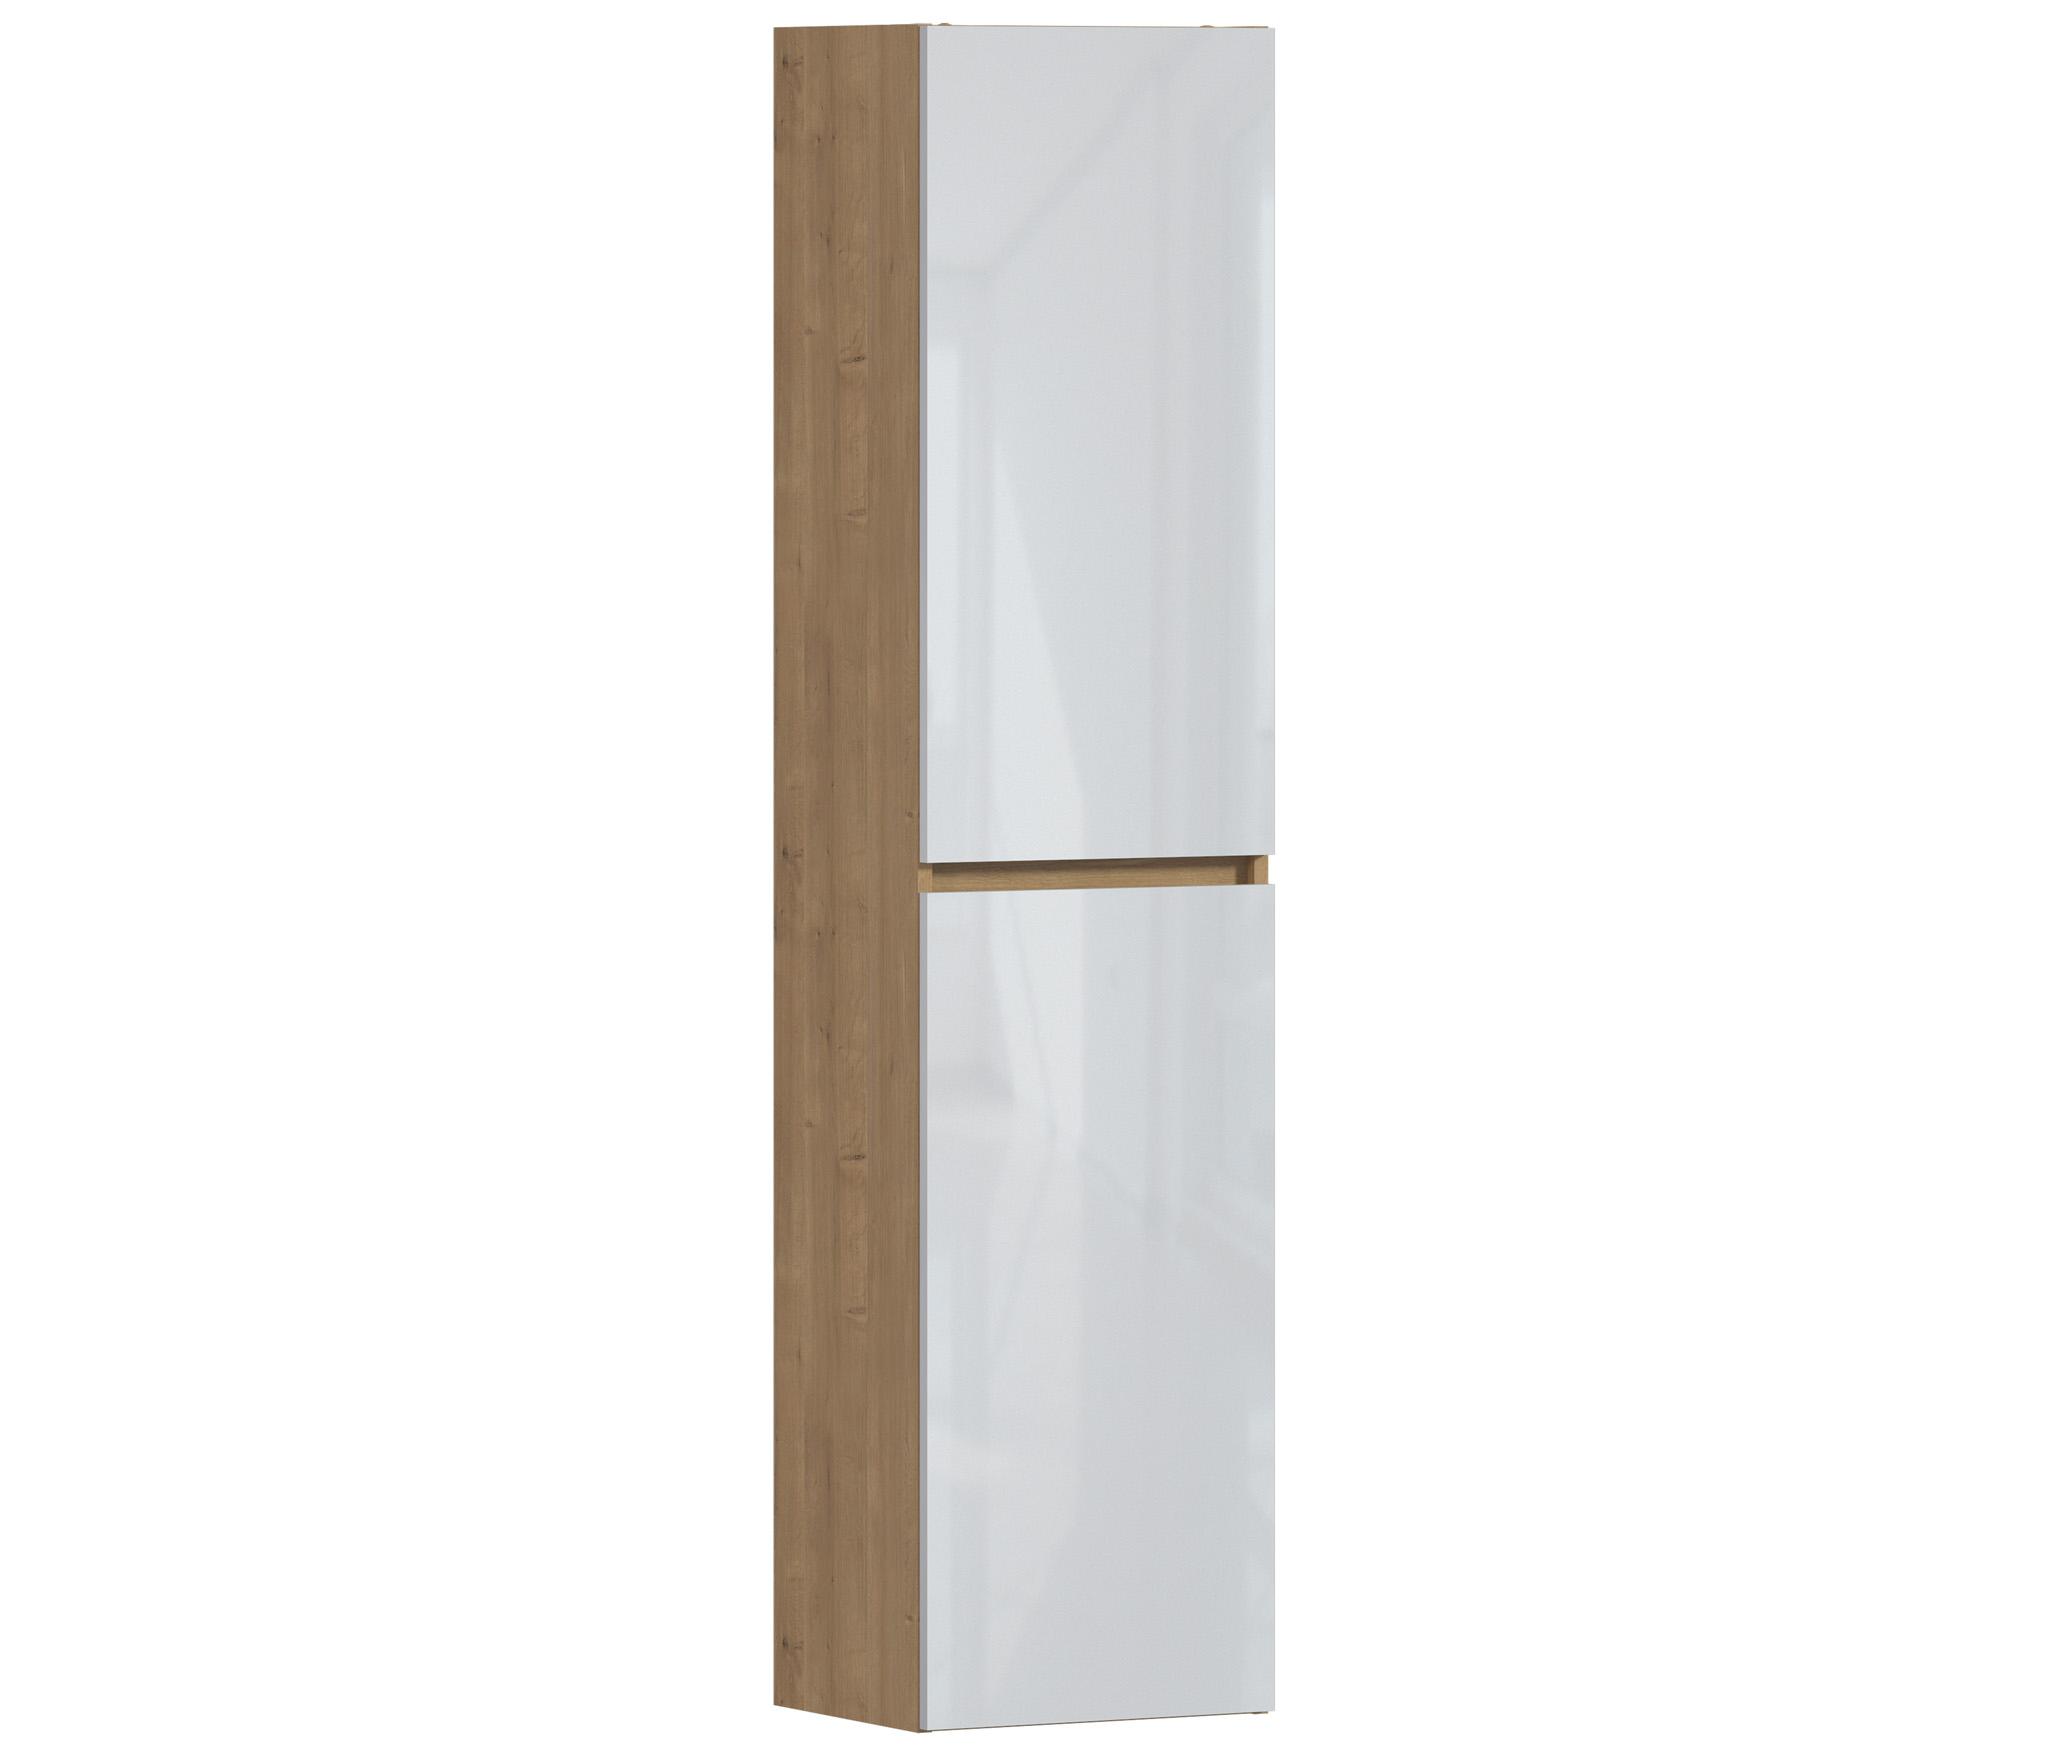 ArtCom Kúpeľňová zostava MONAKO WHITE OAK Monako: Vysoká skrinka Monako 800 - 170 x 40 x 33 cm